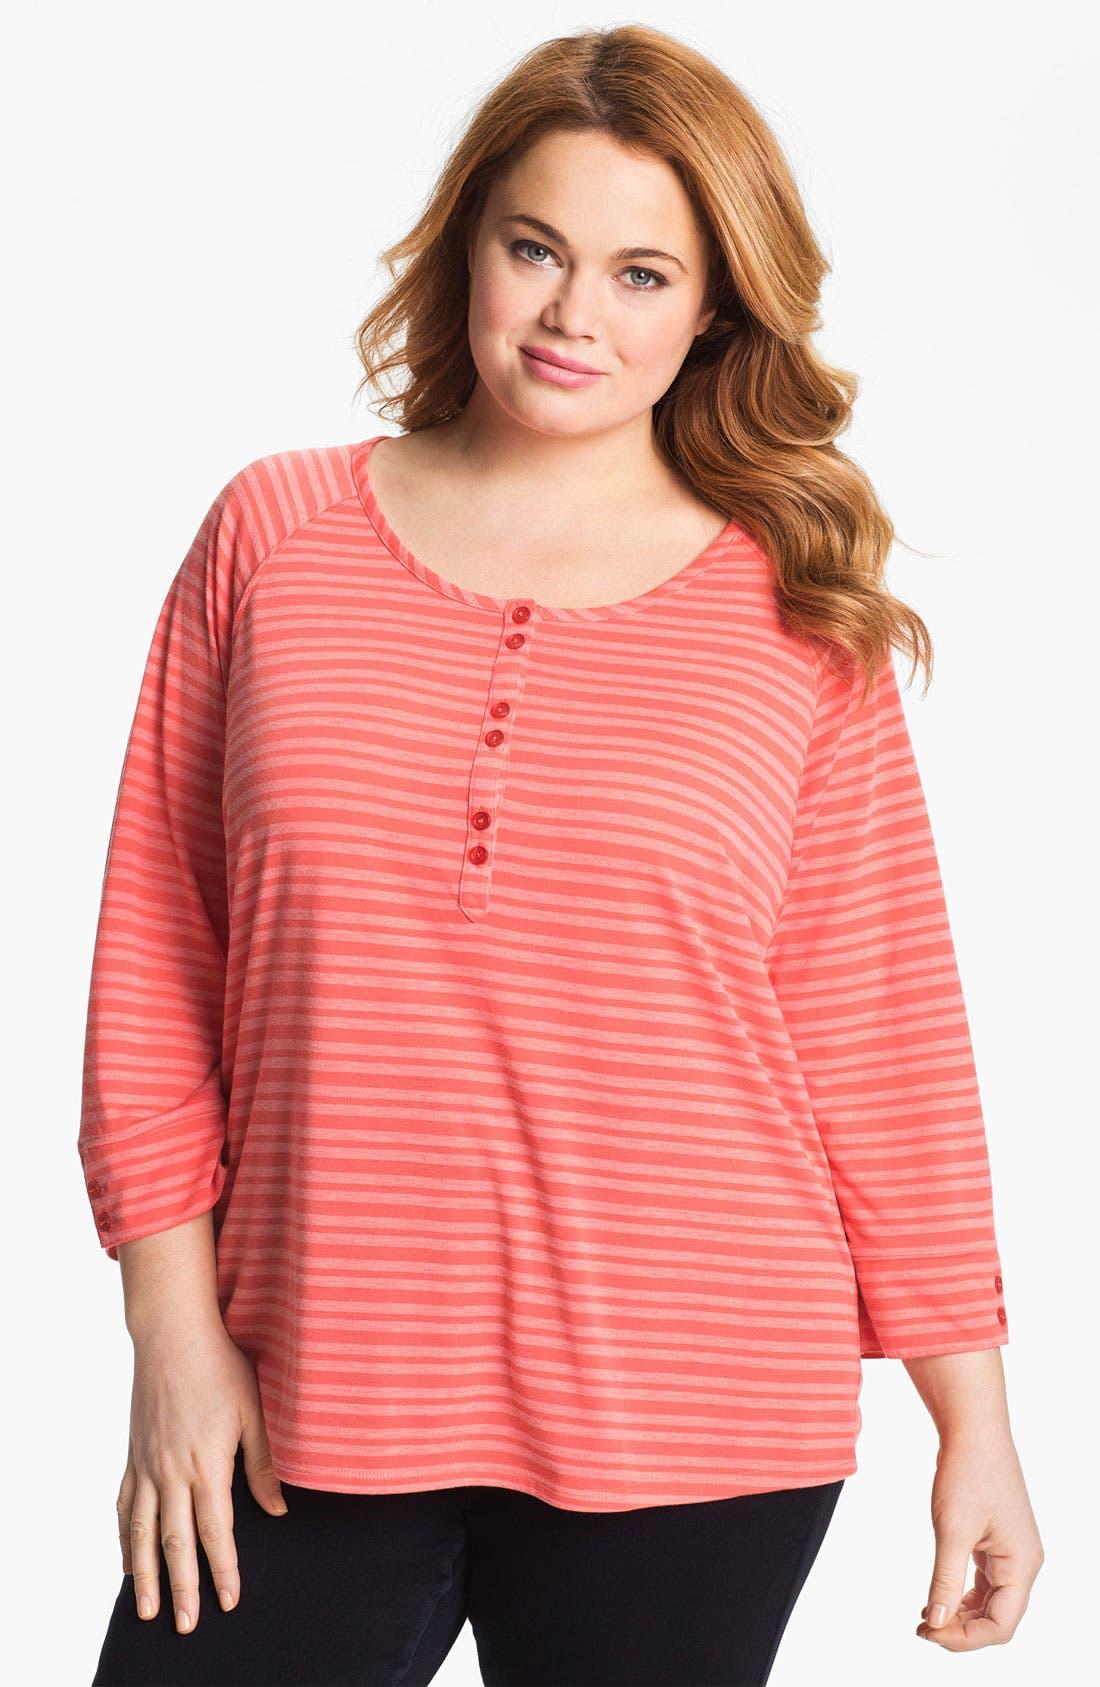 Main Image - Sejour Stripe Henley Top (Plus Size)